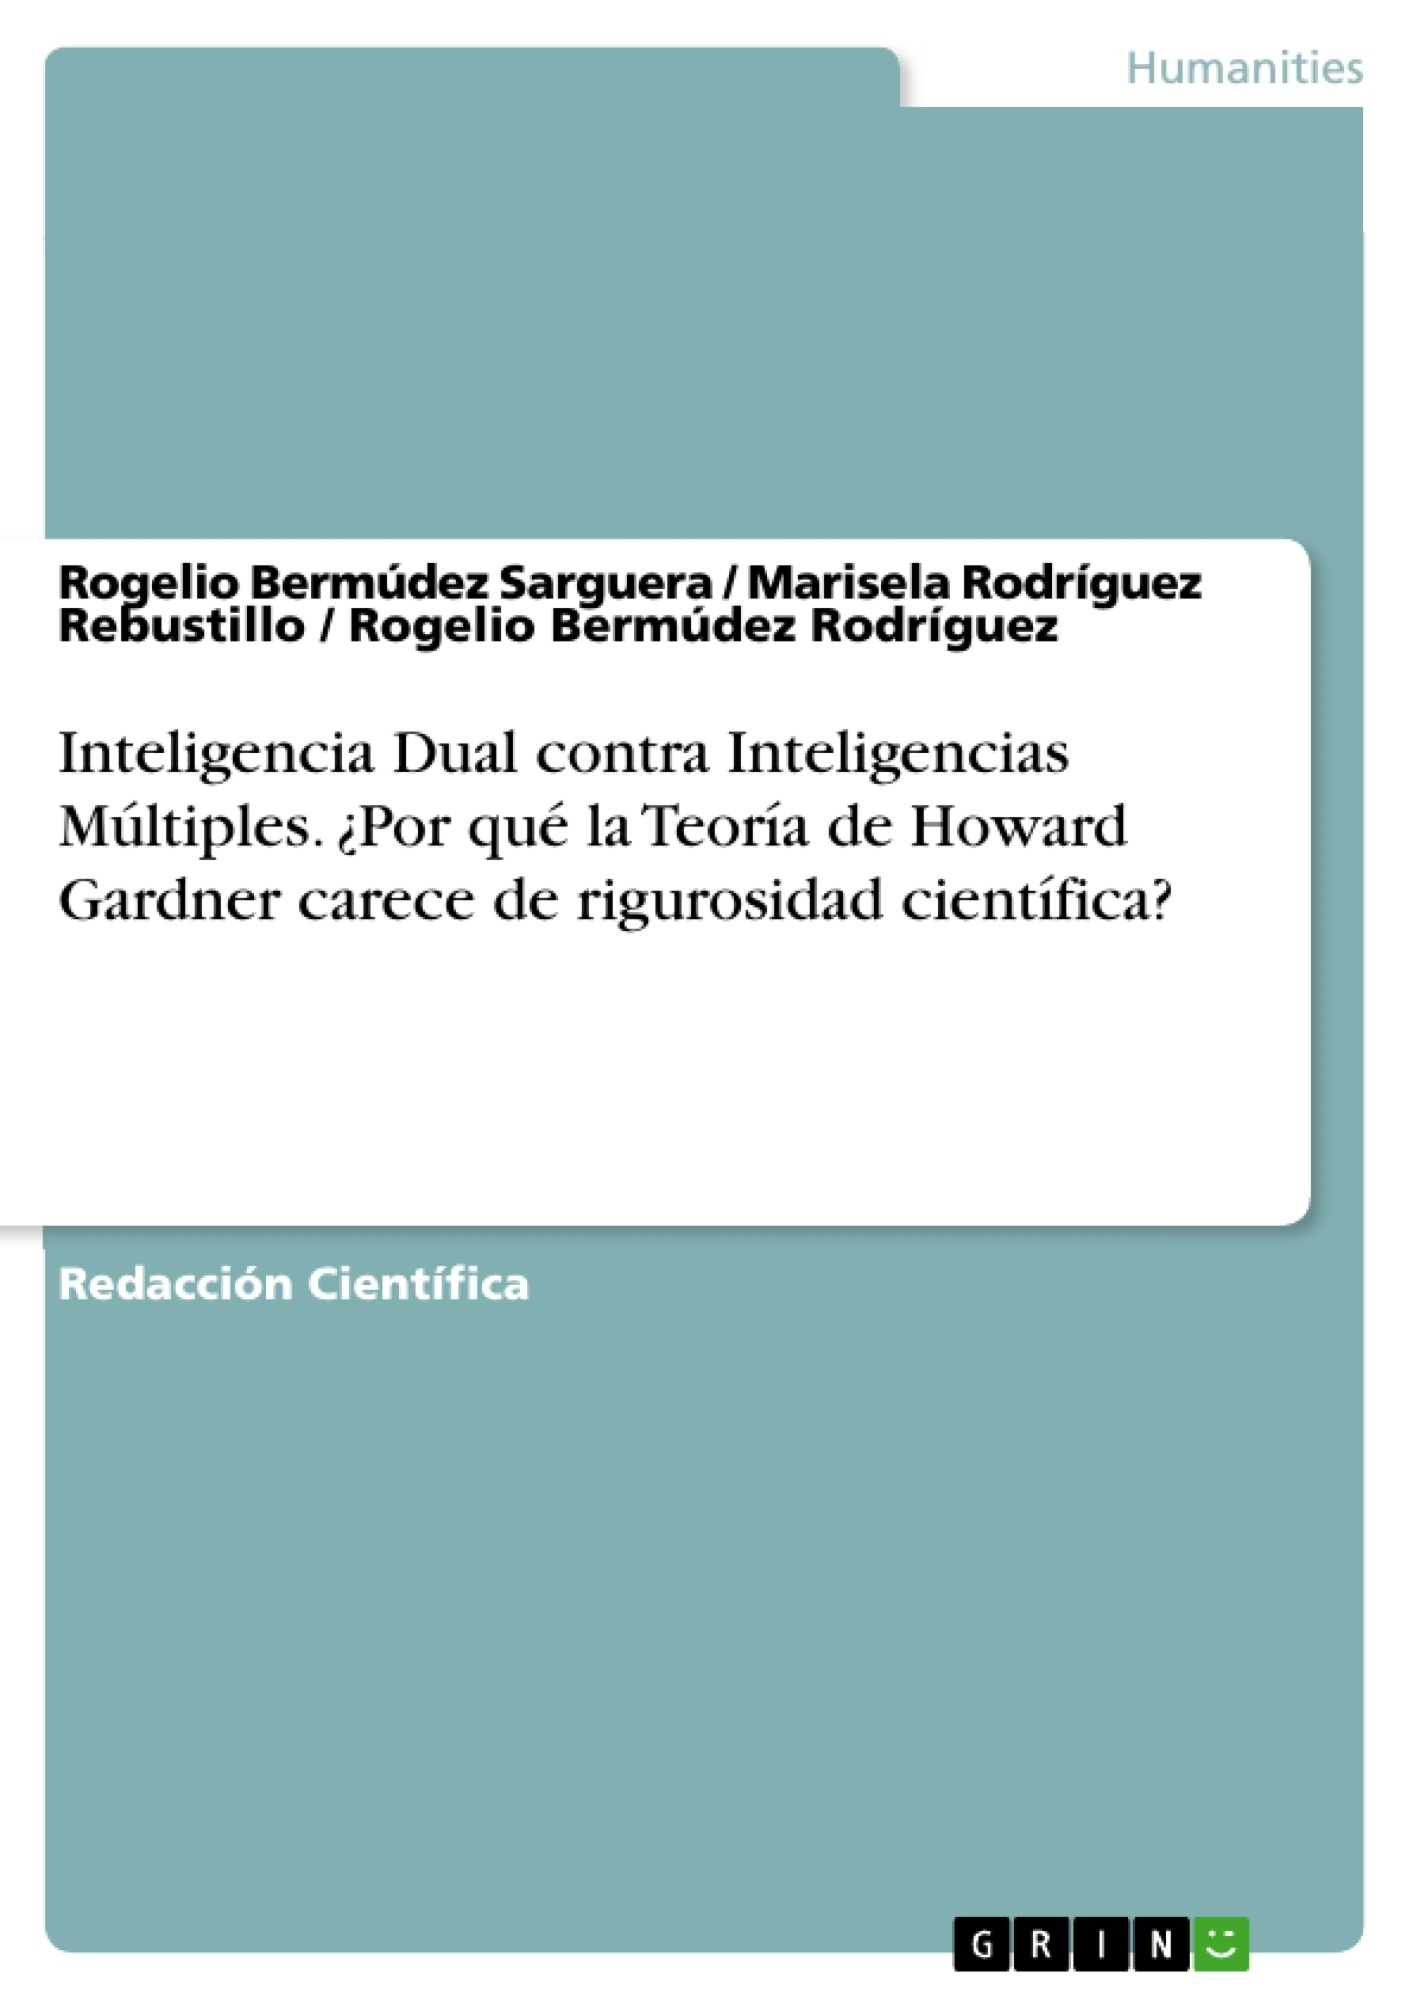 Título: Inteligencia Dual contra Inteligencias Múltiples. ¿Por qué la Teoría de Howard Gardner carece de rigurosidad científica?